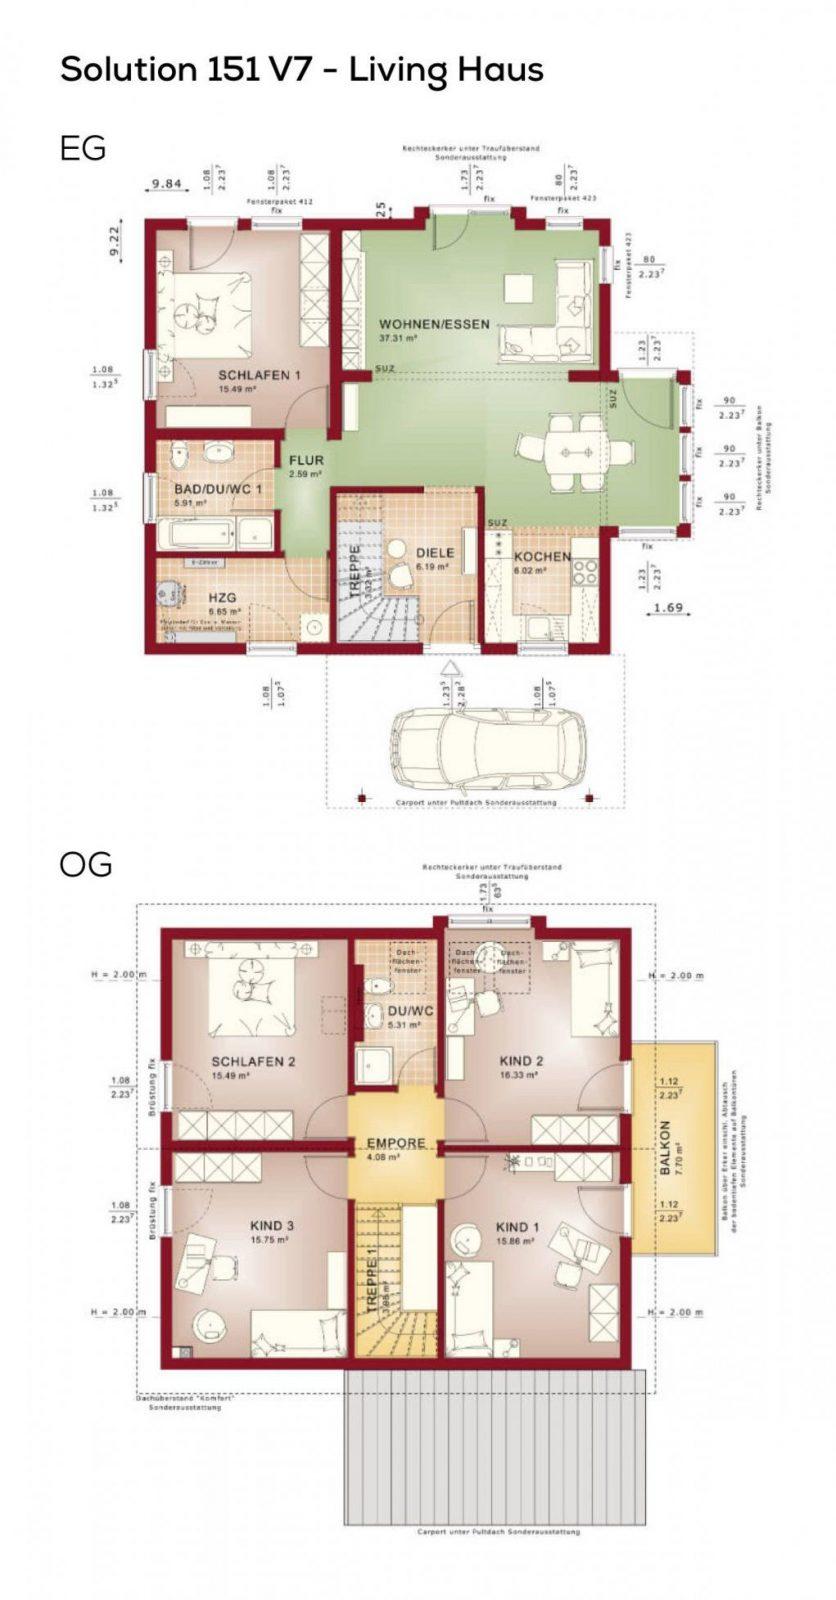 Grundriss Einfamilienhaus Mit Satteldach  6 Zimmer 150 Qm von Grundriss Einfamilienhaus 150 Qm Bild